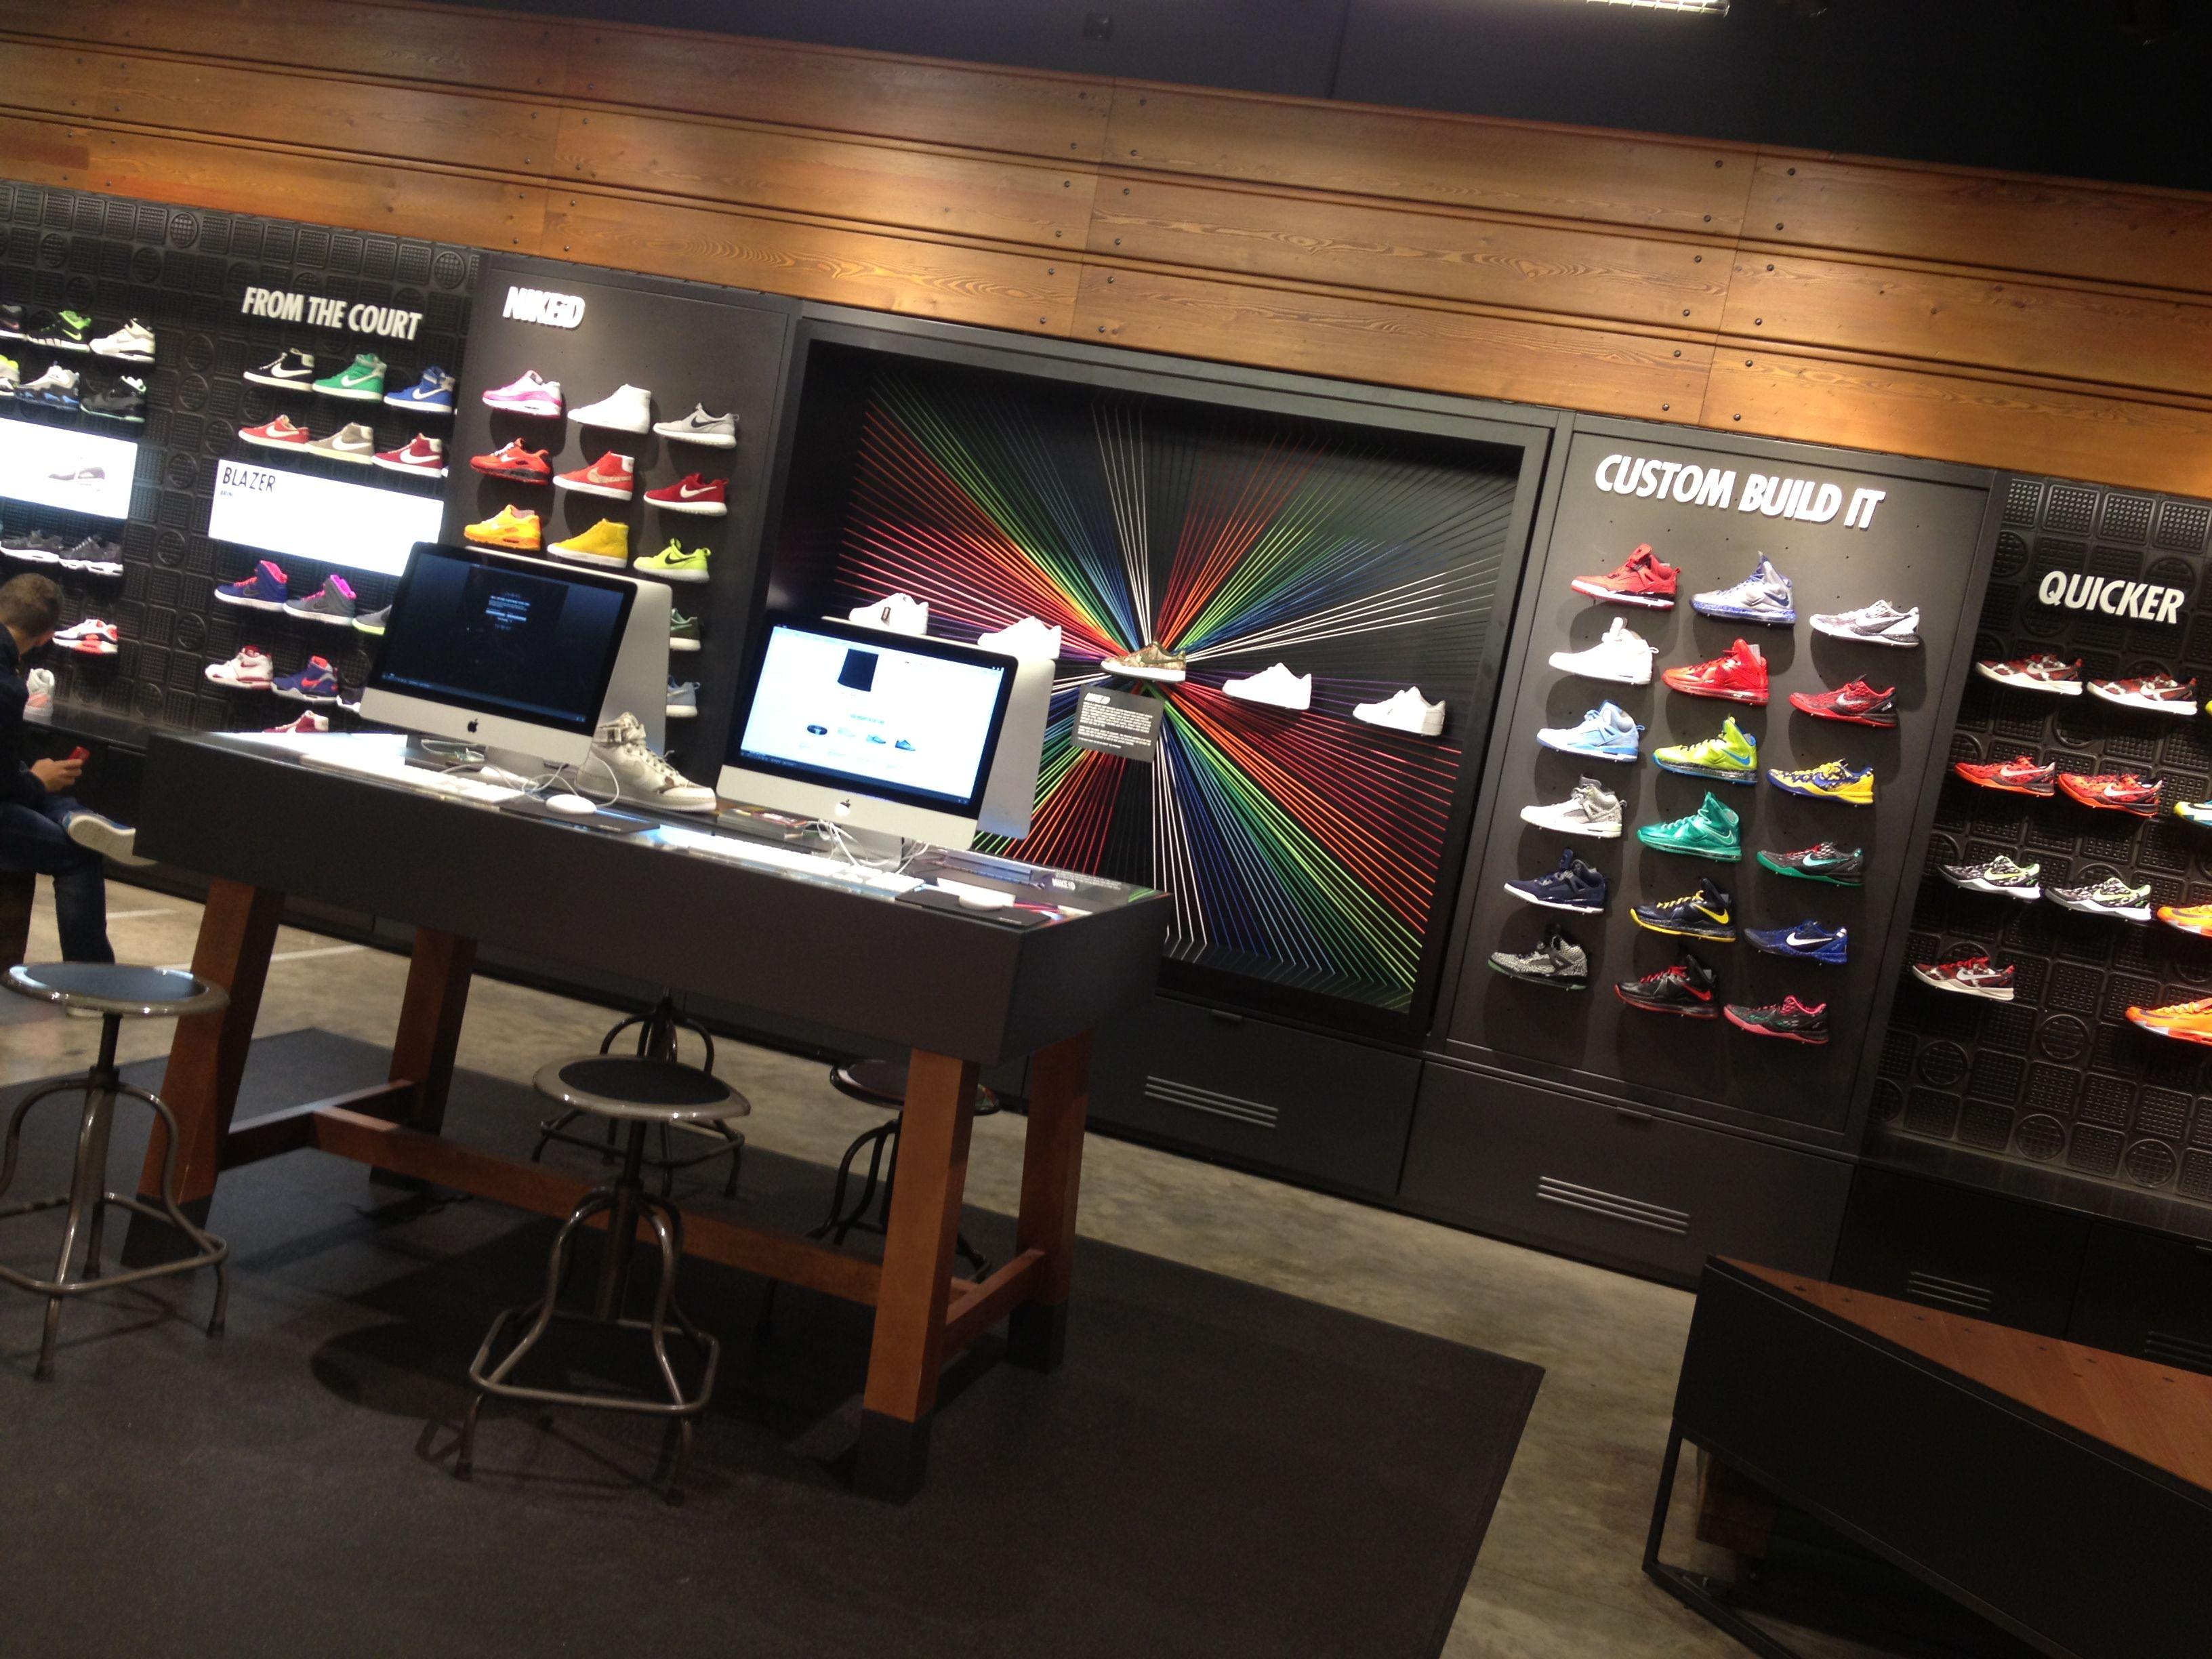 7fd7bb7b6d1716 Boutique De Chaussures, Canaux, Conception Des Magasins, Intérieurs De  Boutique, Design De